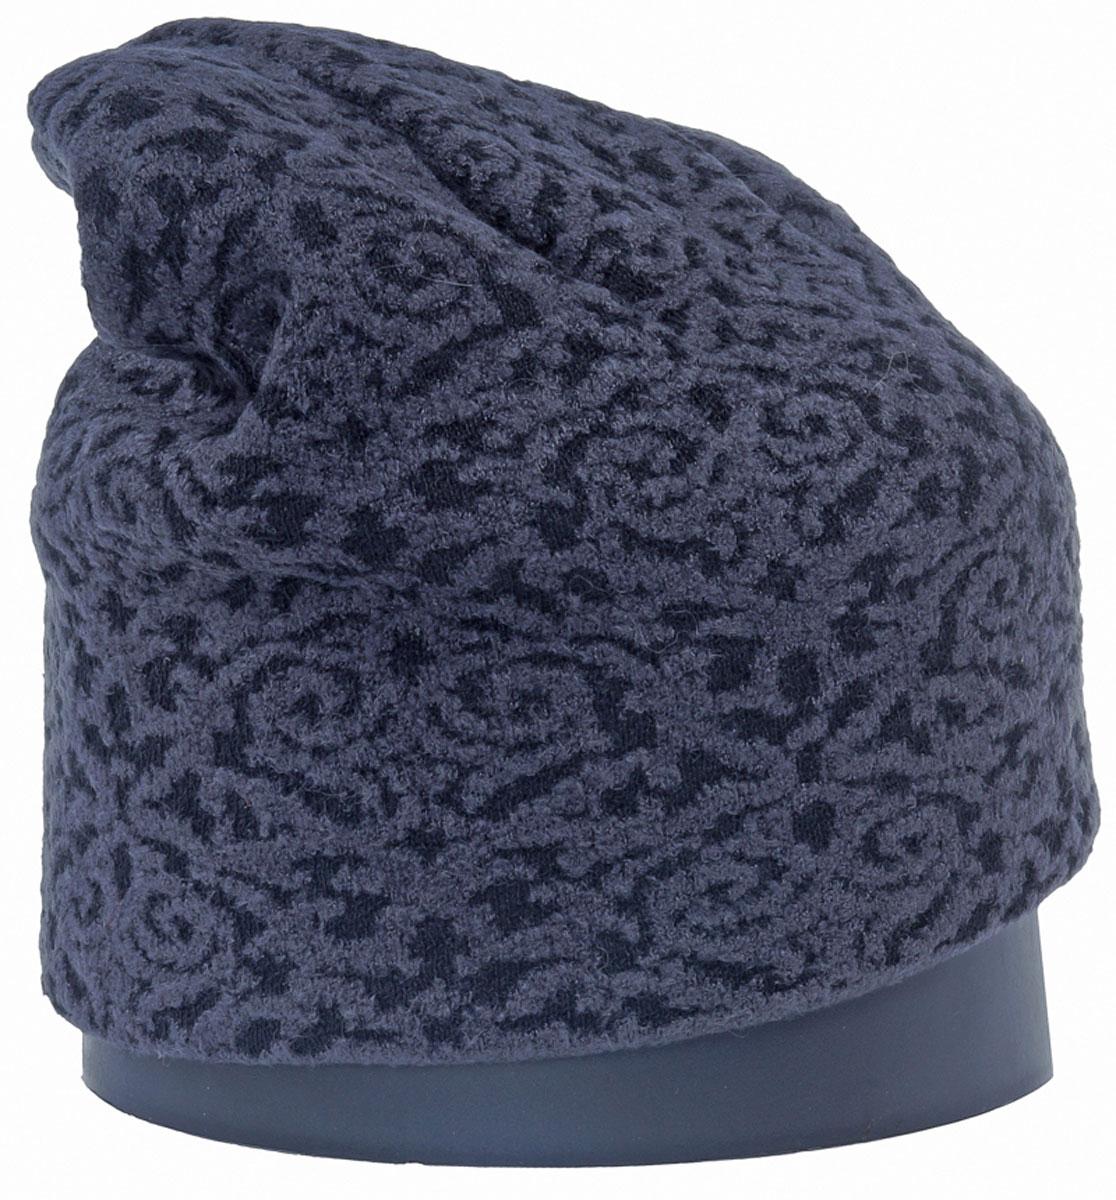 Шапка женская Vittorio Richi, цвет: серый. Aut241943U-33/17. Размер 56/58Aut241943UСтильная женская шапка Vittorio Richi отлично дополнит ваш образ в холодную погоду. Модель, изготовленная из высококачественных материалов, максимально сохраняет тепло и обеспечивает удобную посадку. Привлекательная стильная шапка подчеркнет ваш неповторимый стиль и индивидуальность.